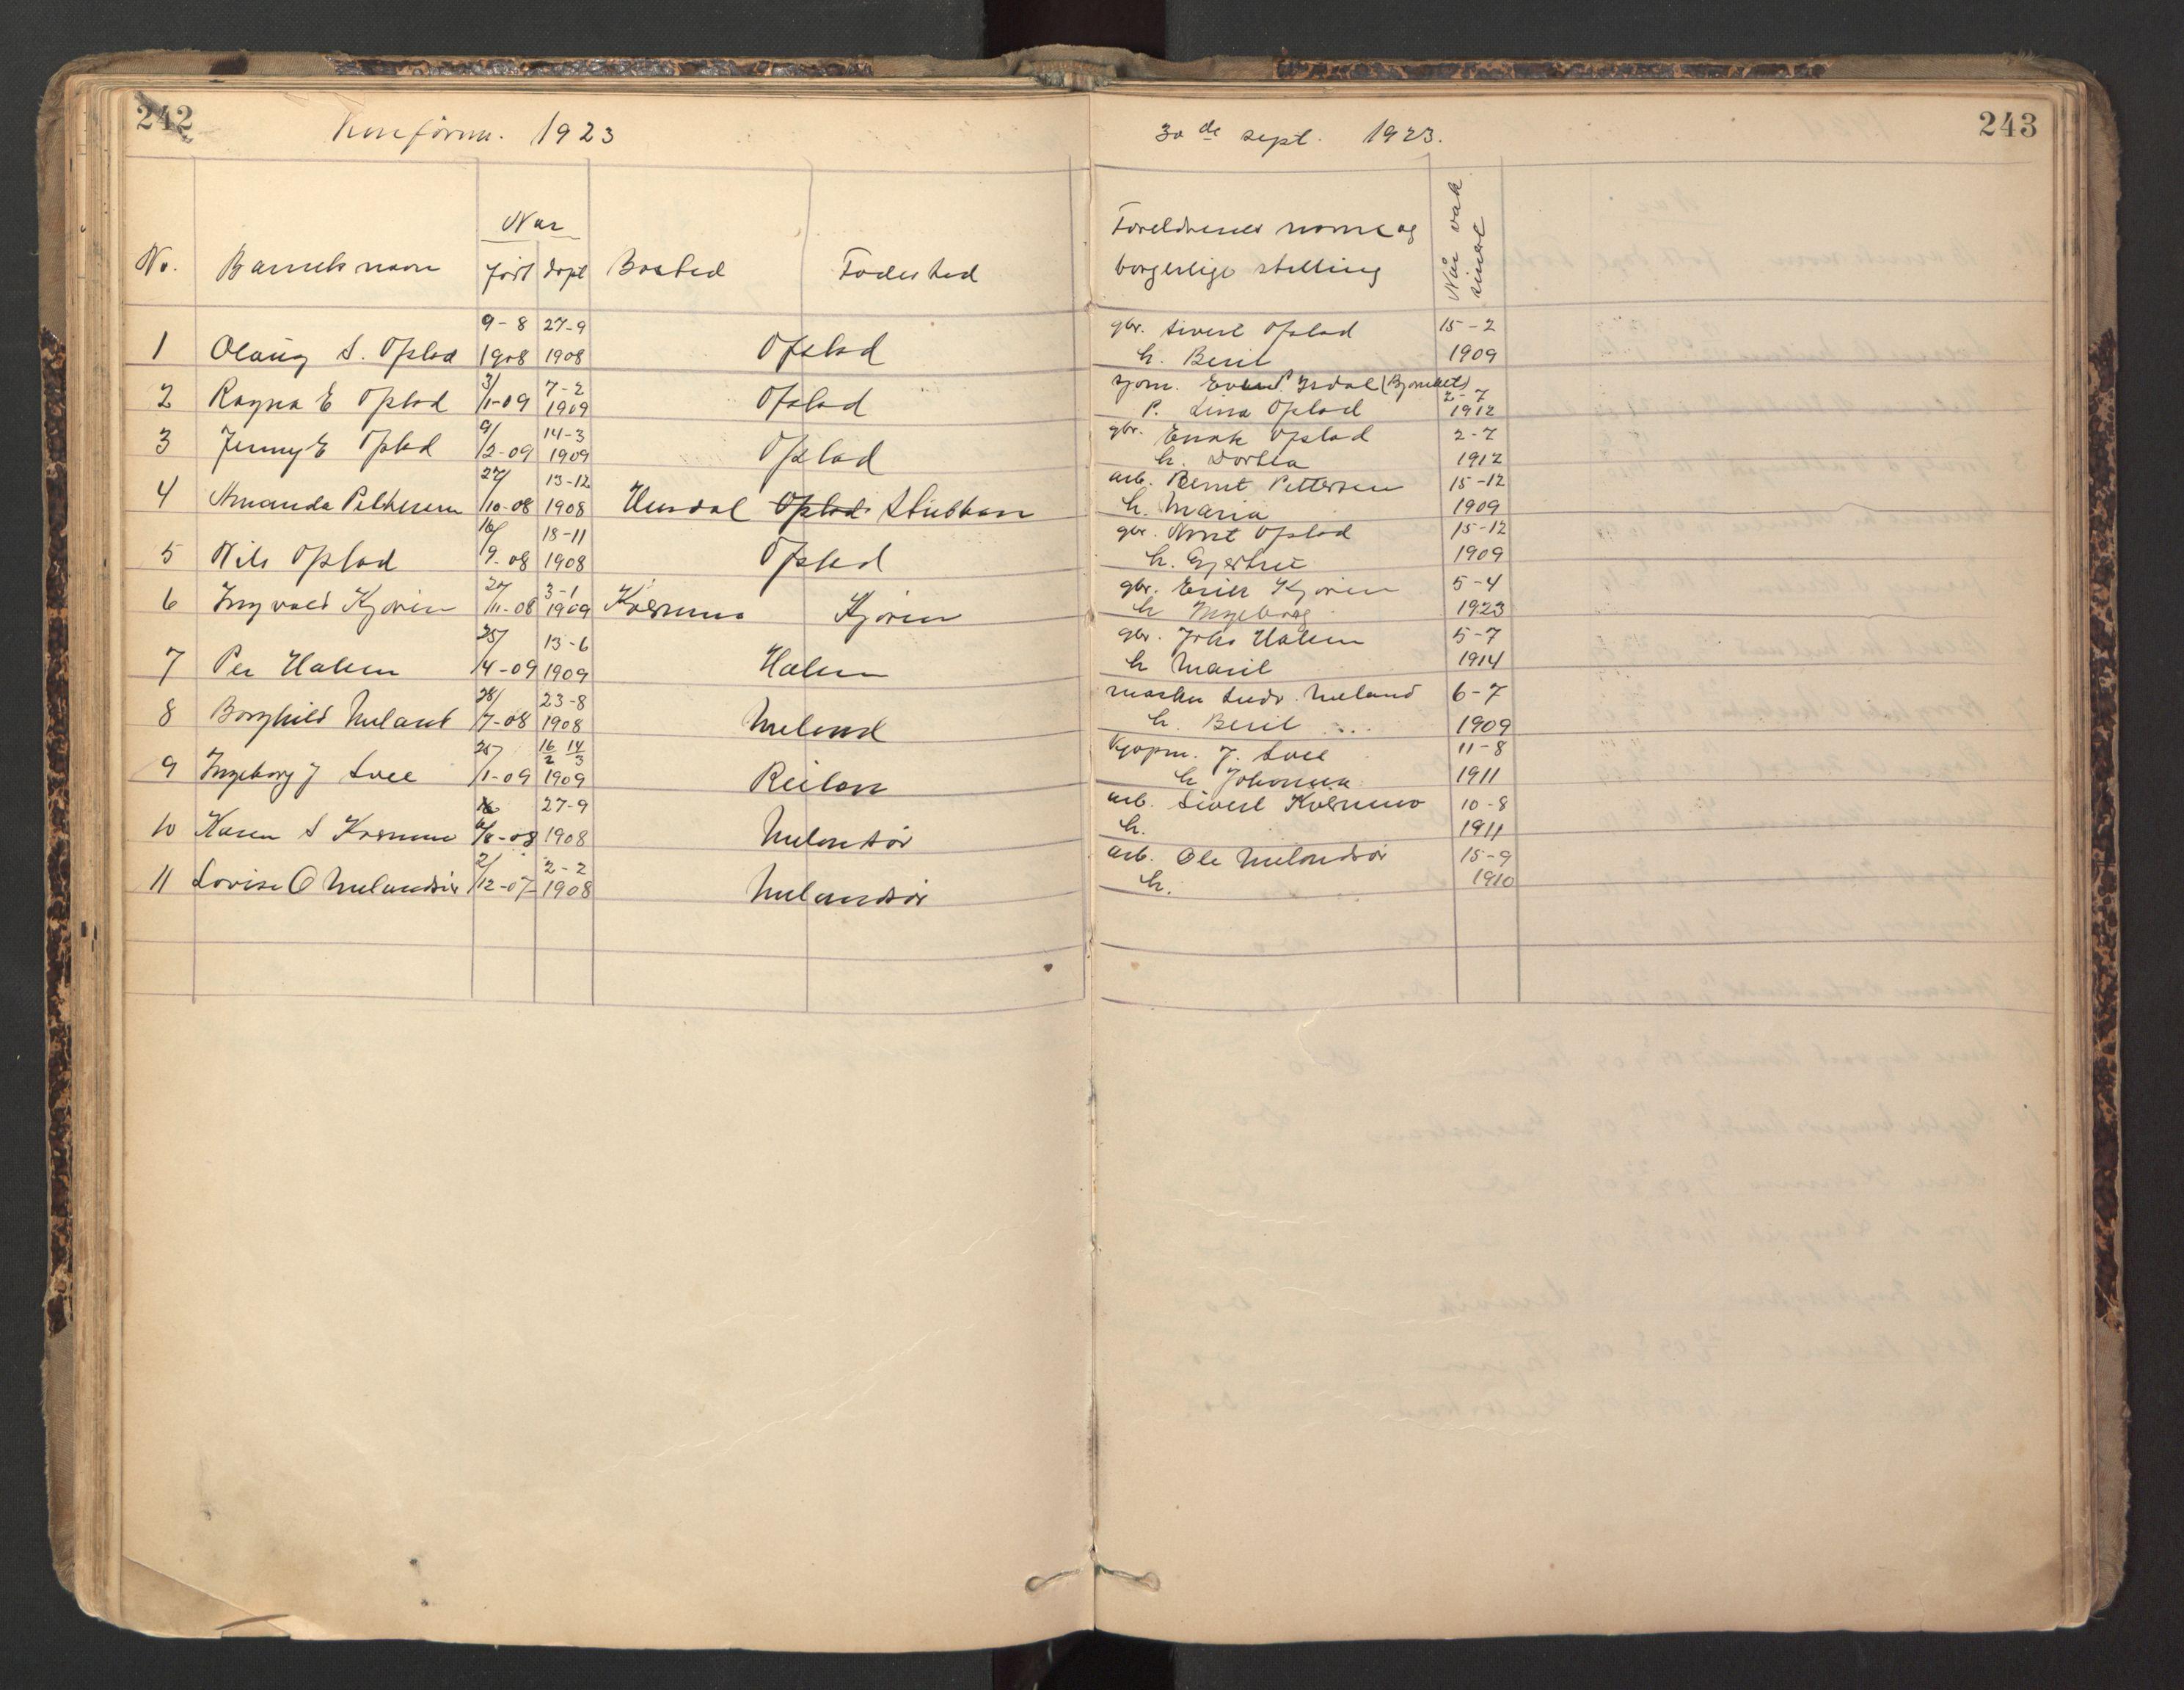 SAT, Ministerialprotokoller, klokkerbøker og fødselsregistre - Sør-Trøndelag, 670/L0837: Klokkerbok nr. 670C01, 1905-1946, s. 242-243